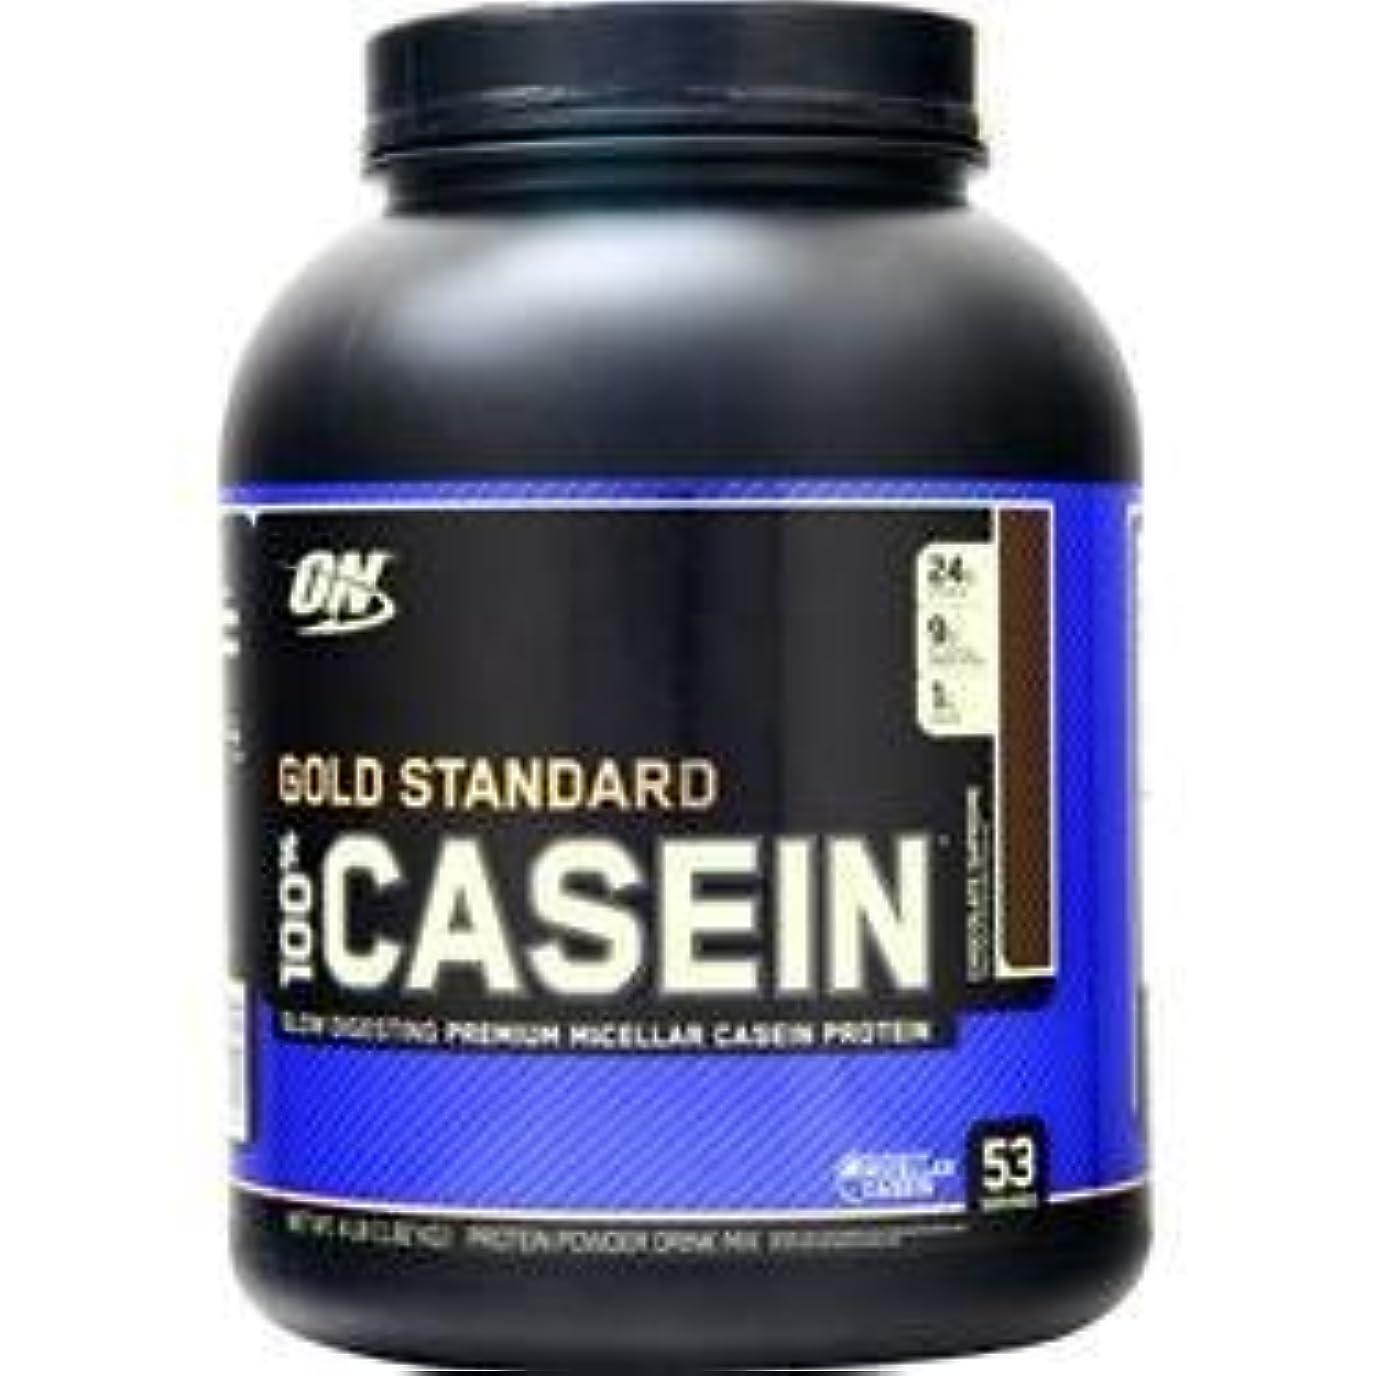 言い直すイル下にOptimum Nutrition 100% Casein Protein Gold Standard 4 lbs Chocolate Supreme [並行輸入品]